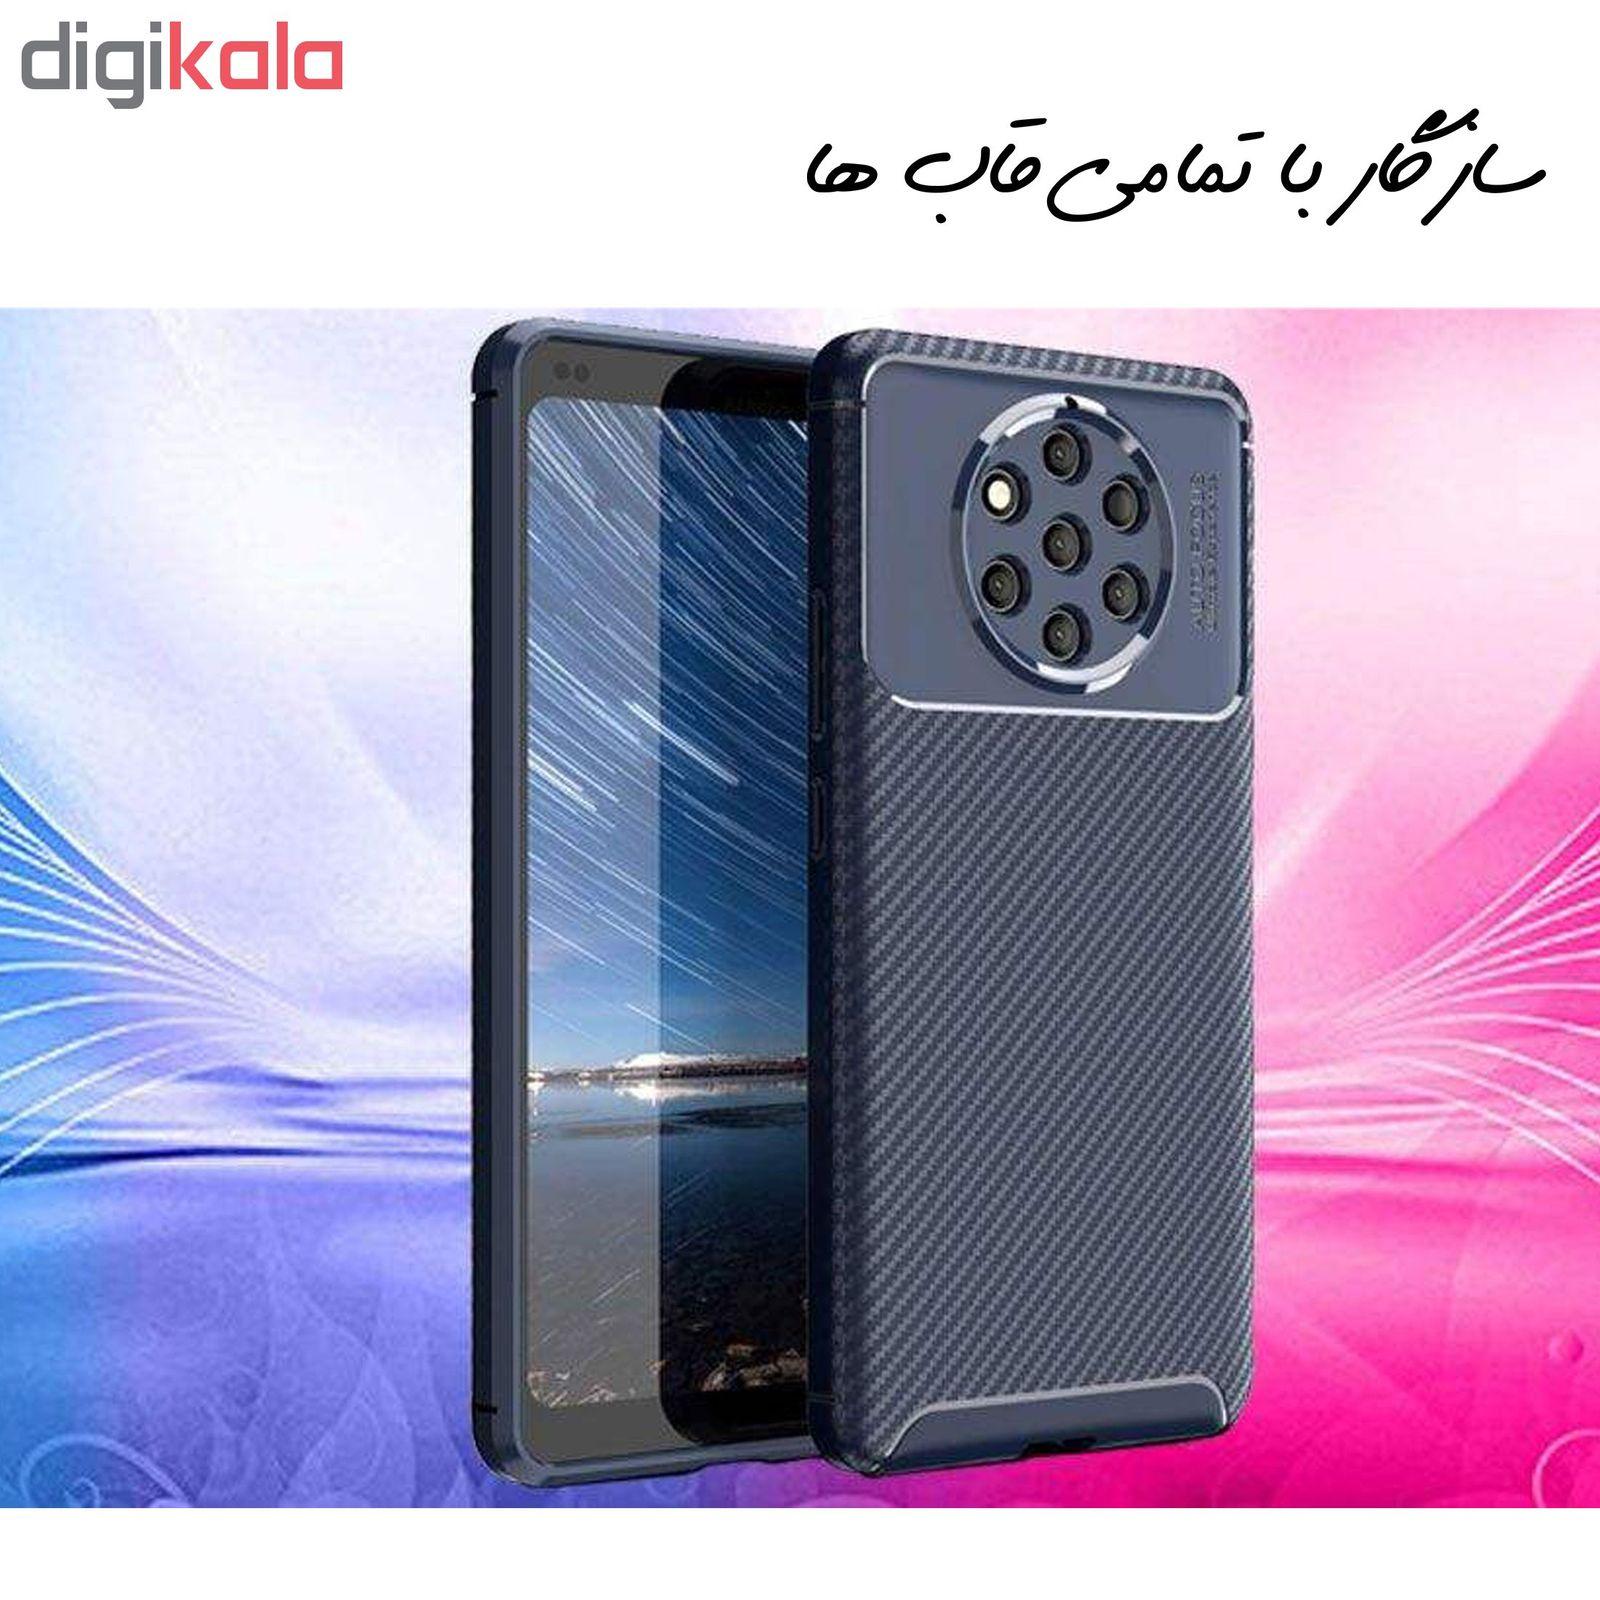 محافظ صفحه نمایش مات Hard and thick مدل F-01 مناسب برای گوشی موبایل سامسونگ Galaxy A30 main 1 7